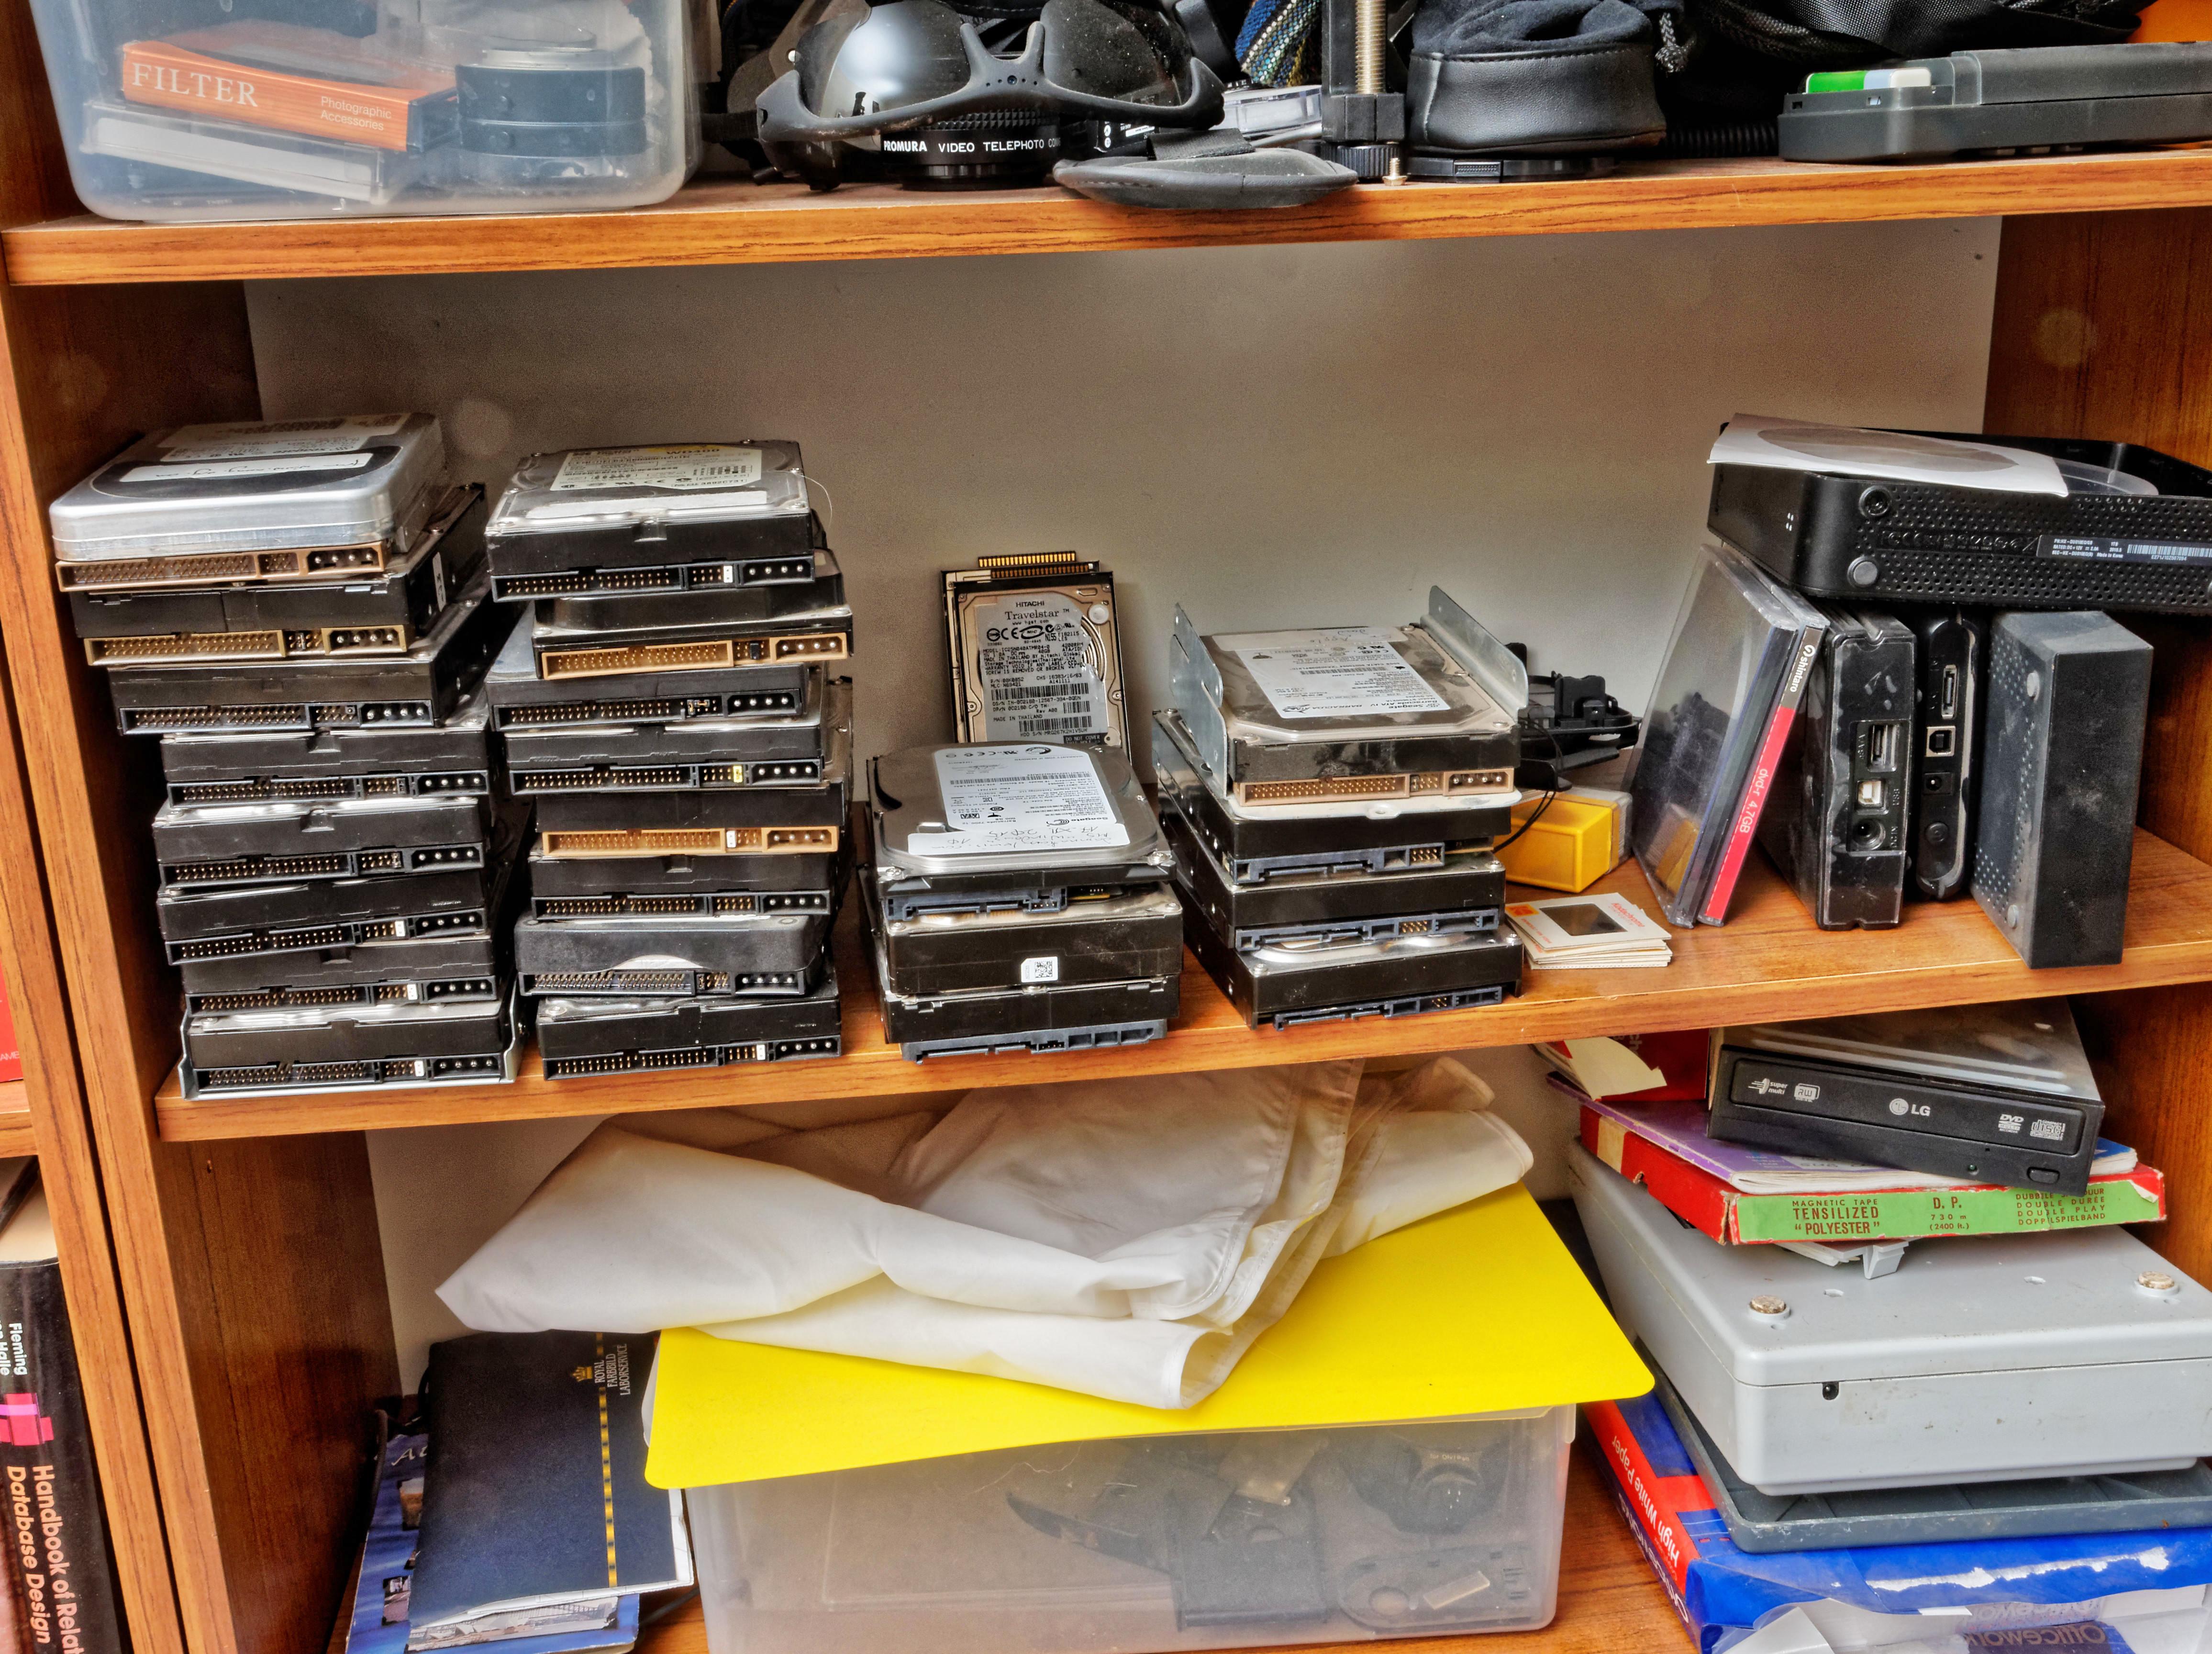 PATA-disks-1.jpeg